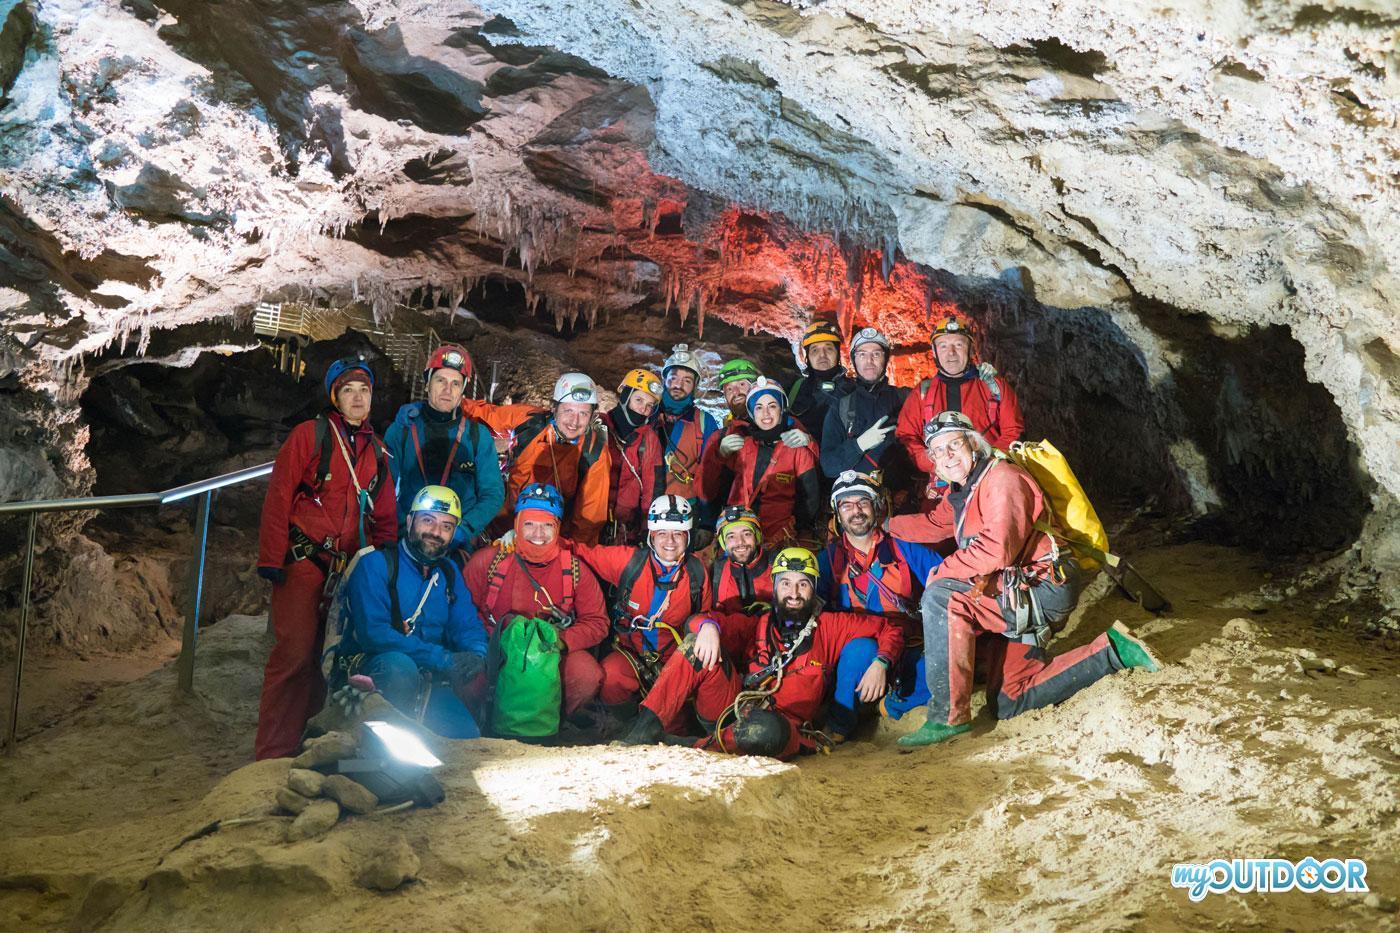 Foto finale all'uscita dalla grotta